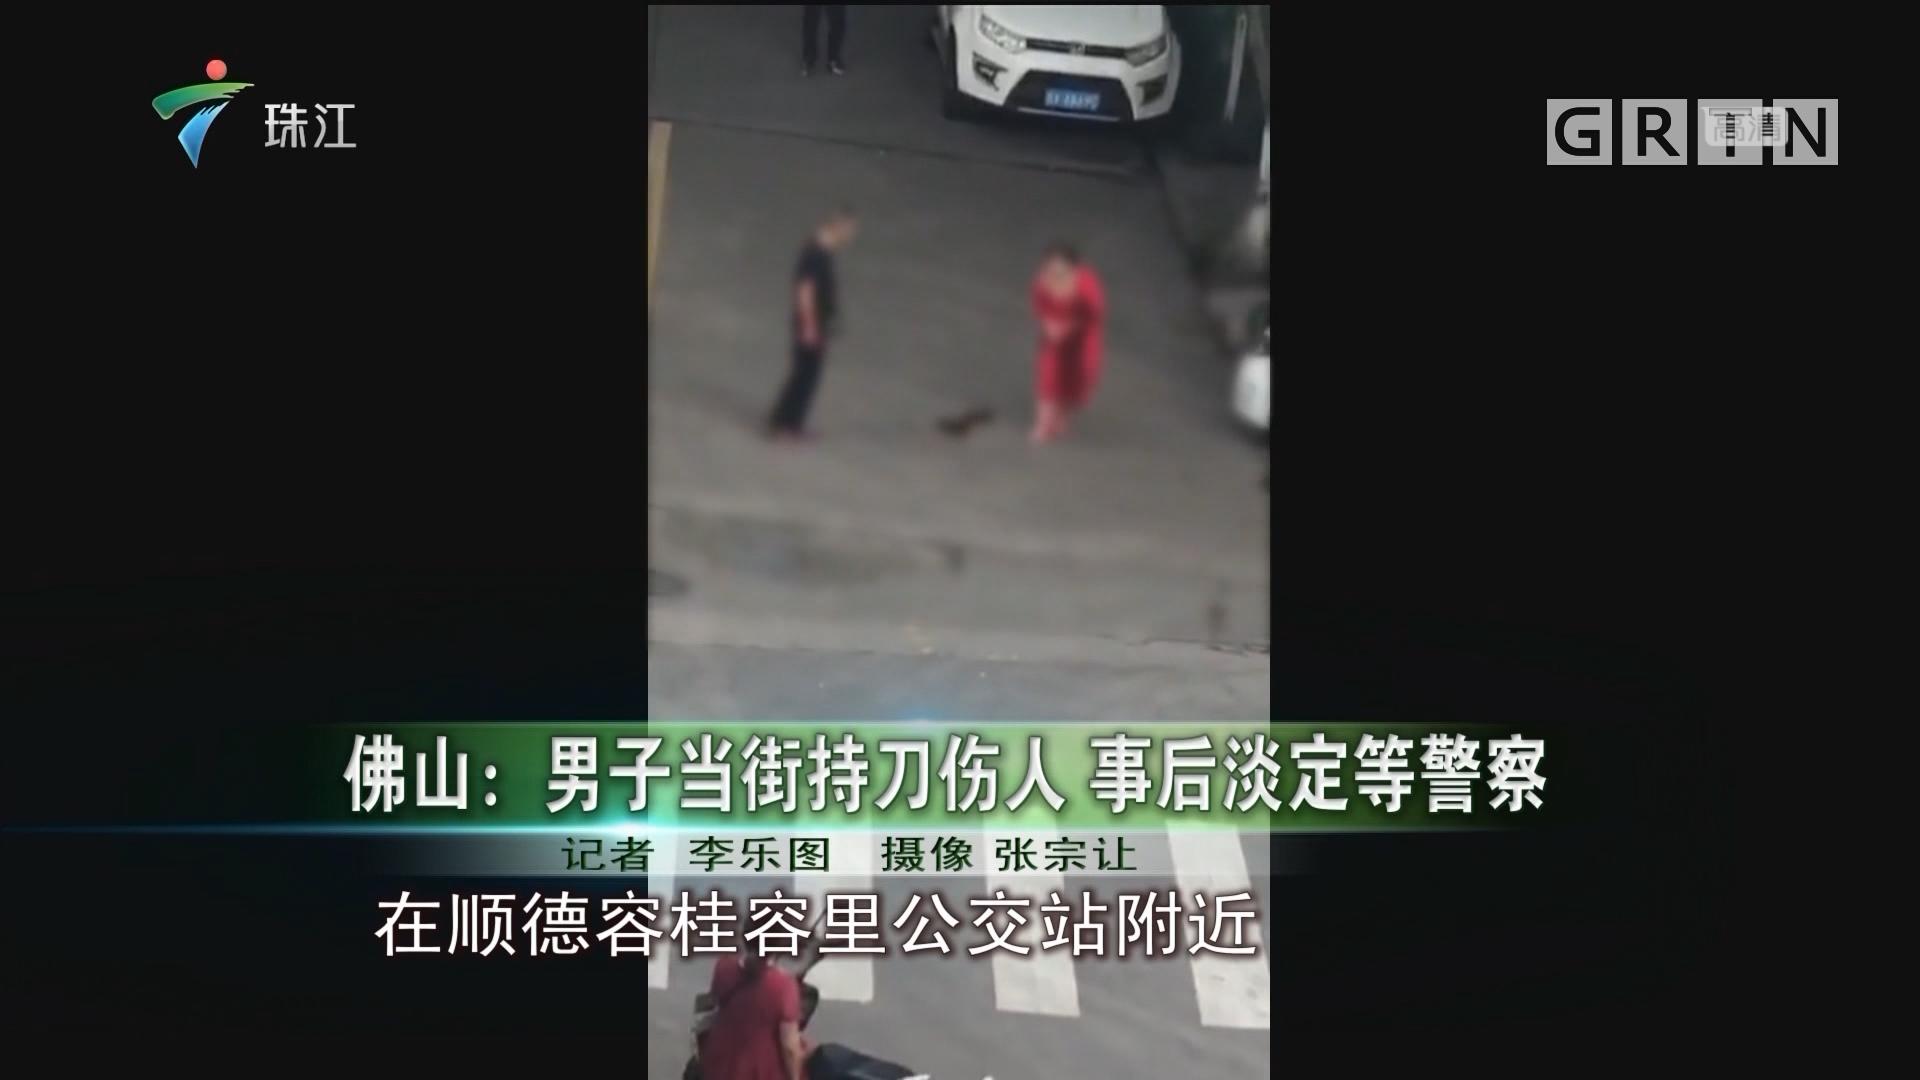 佛山:男子當街持刀傷人 事后淡定等警察